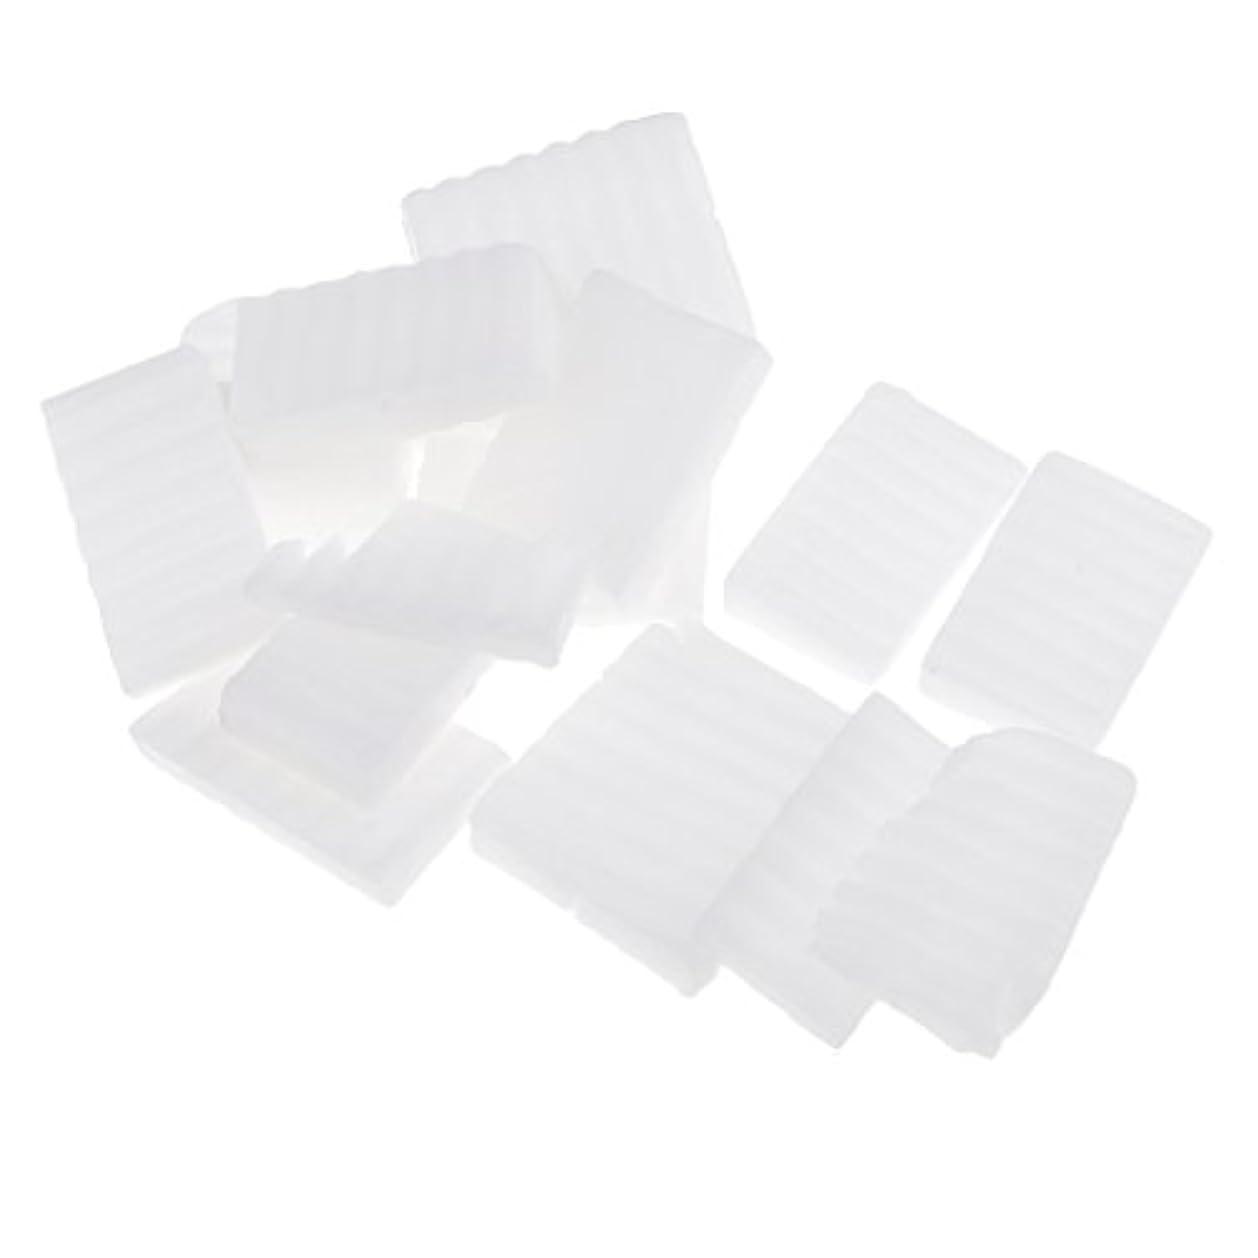 設計メナジェリー恐怖症Homyl 約500g ホワイト 石鹸ベース DIY 手作り 石鹸 材料